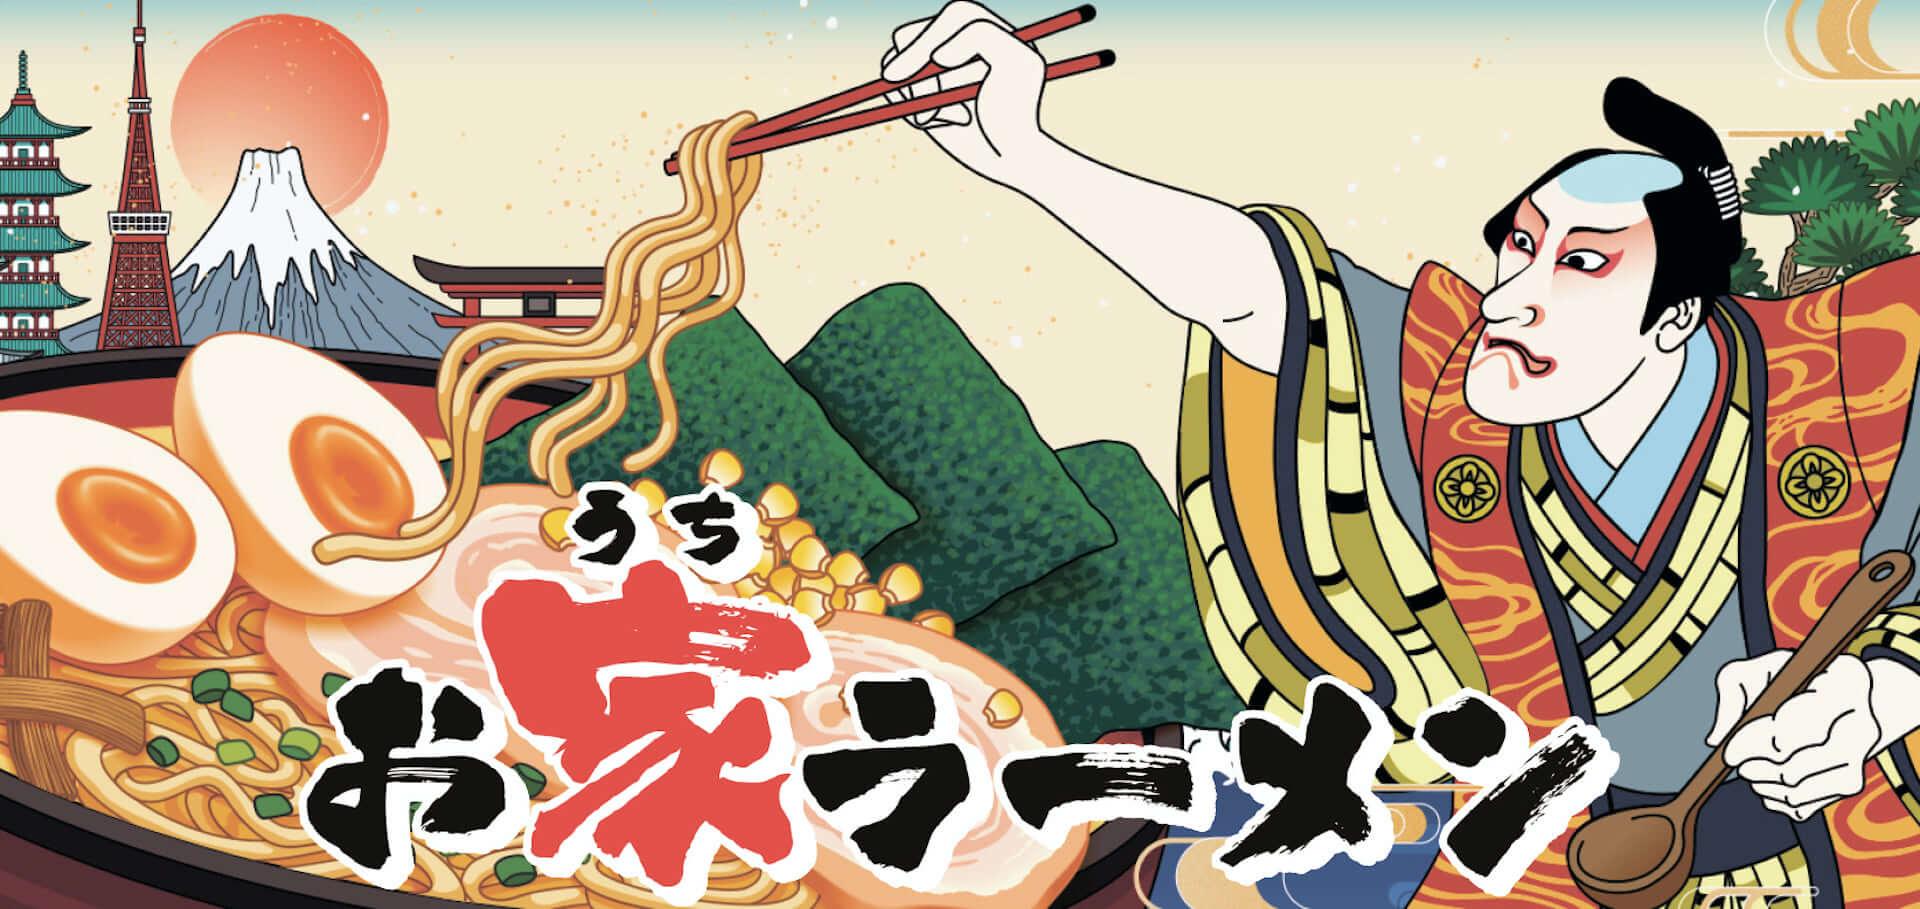 六厘舎のつけめんがオンラインで復活!新オープンのラーメン通販サイト「お家ラーメン」に人気の8店舗がラインナップ gourmet200508_ouchi_ramen_1-1920x909